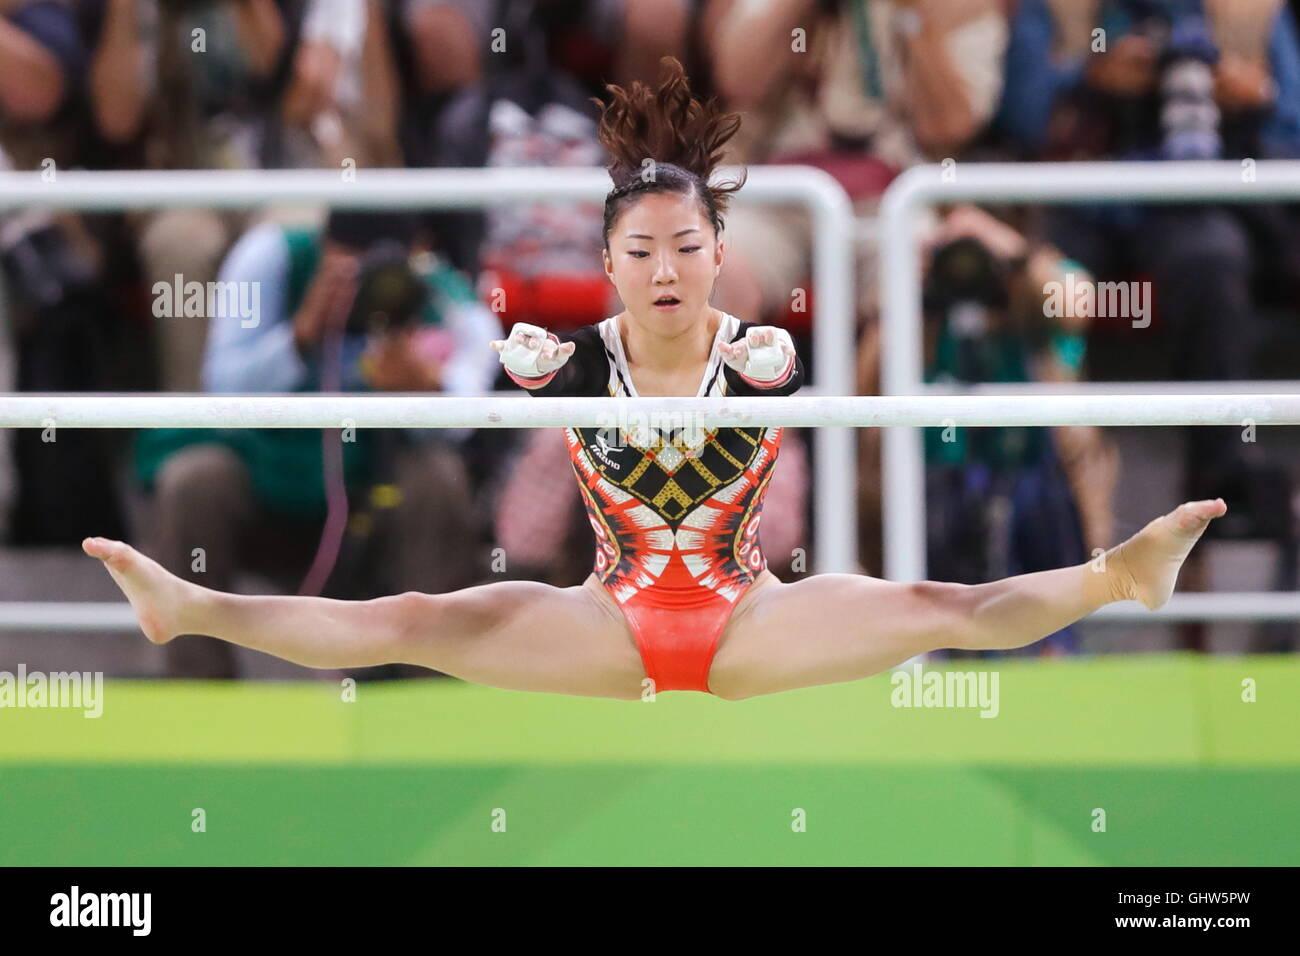 Rio de Janeiro, Brésil. Août 11, 2016. Asuka Teramoto (JPN): gymnastique artistique finale concours Photo Stock